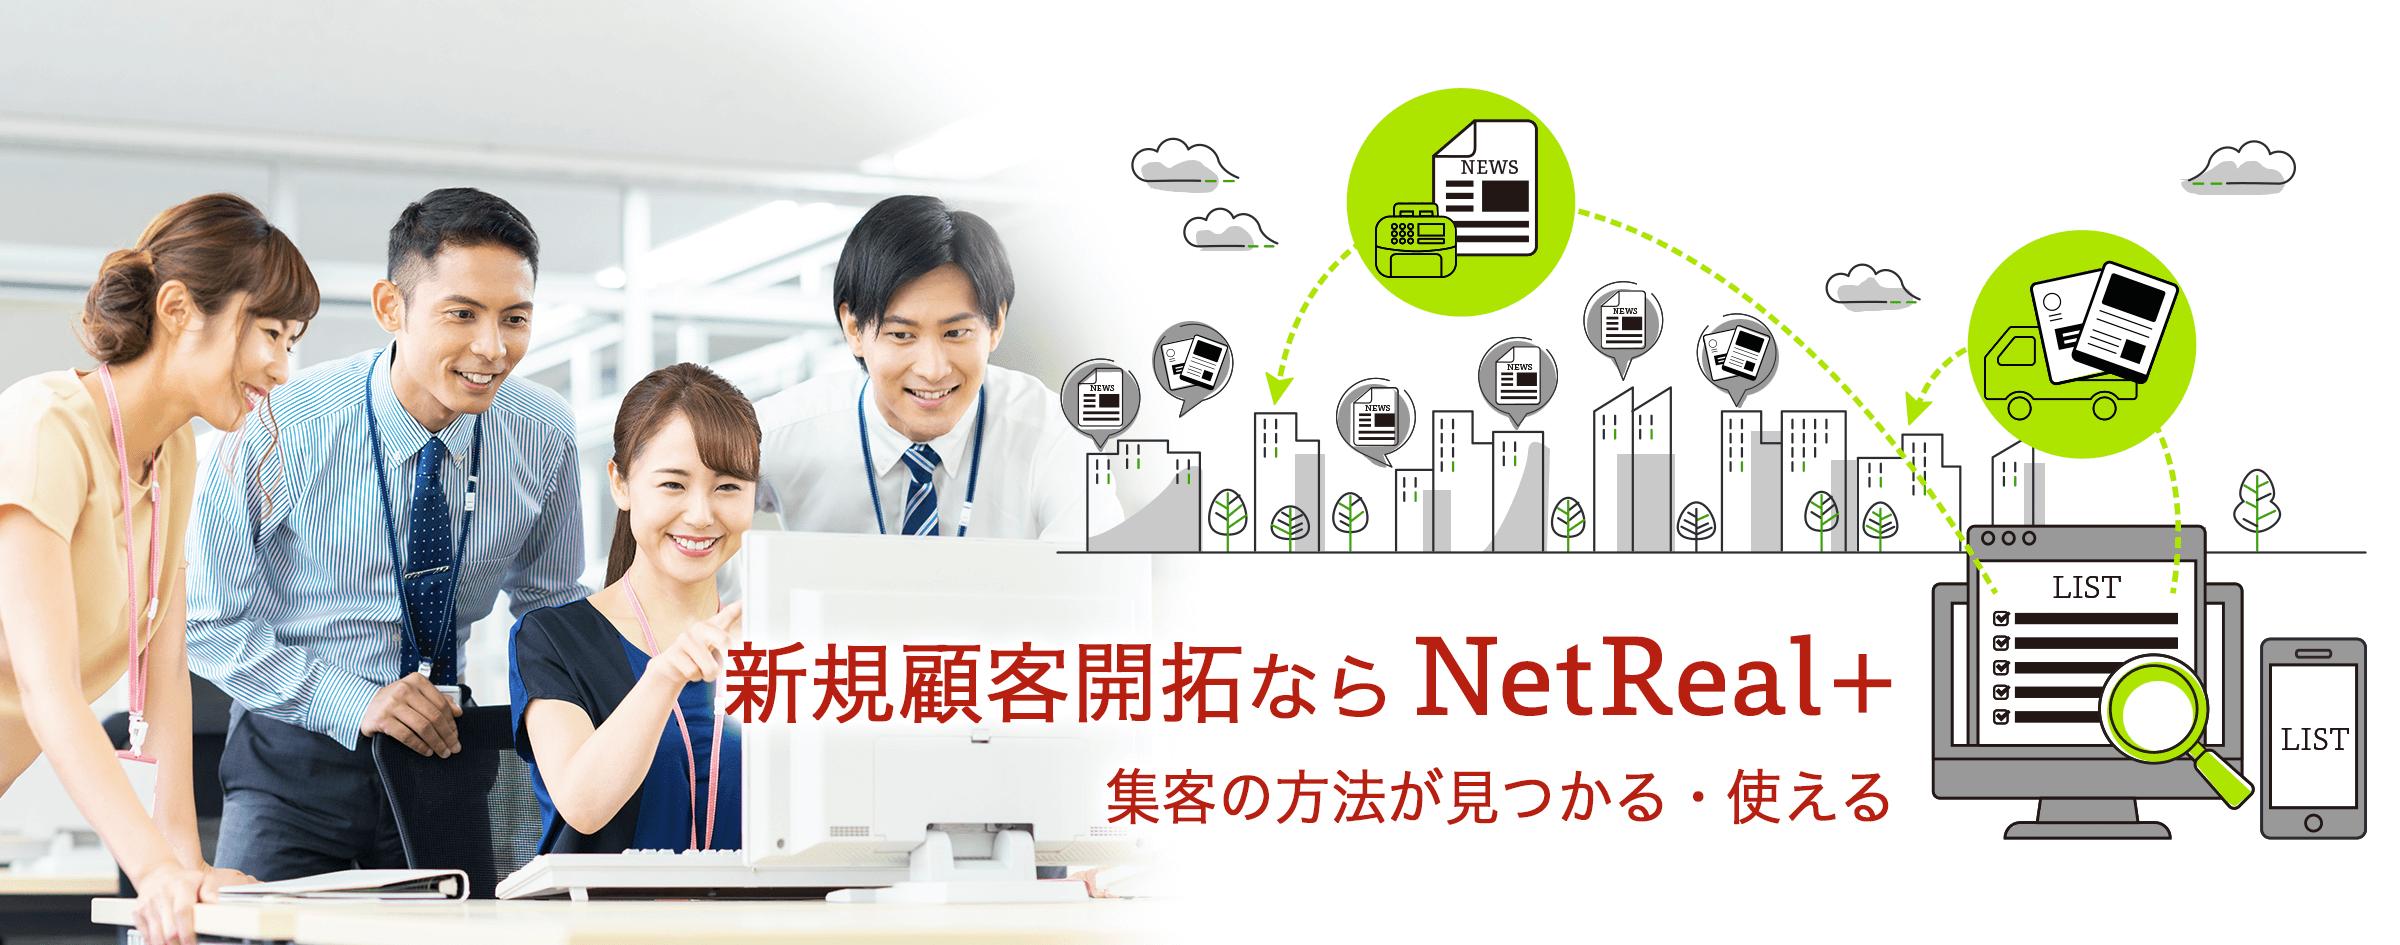 NetReal+が誕生しました。